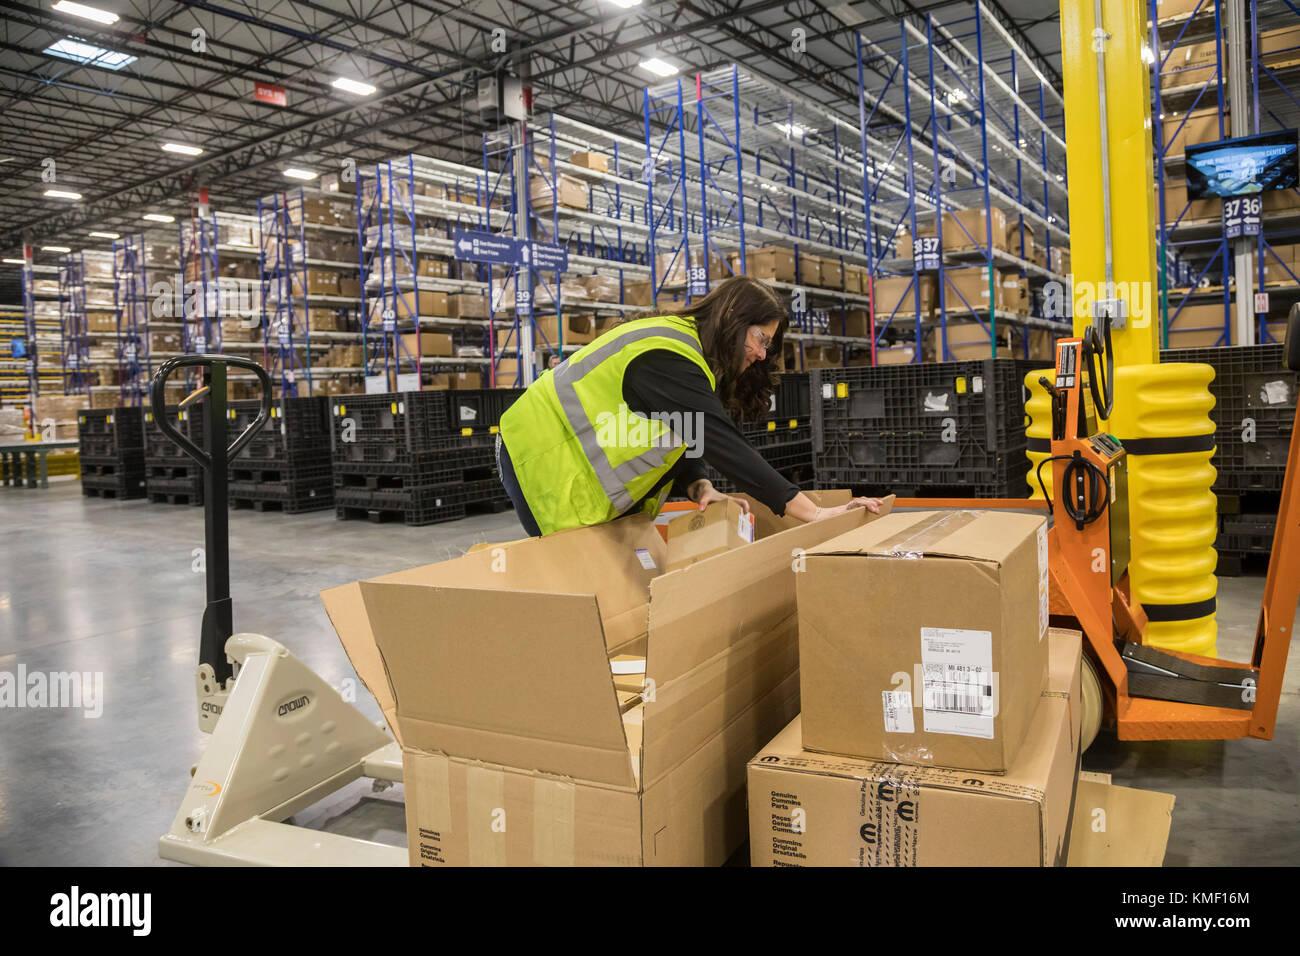 Romulus, Michigan - un centre de distribution de pièces détachées auto Mopar mopar. est le fonctionnement Photo Stock